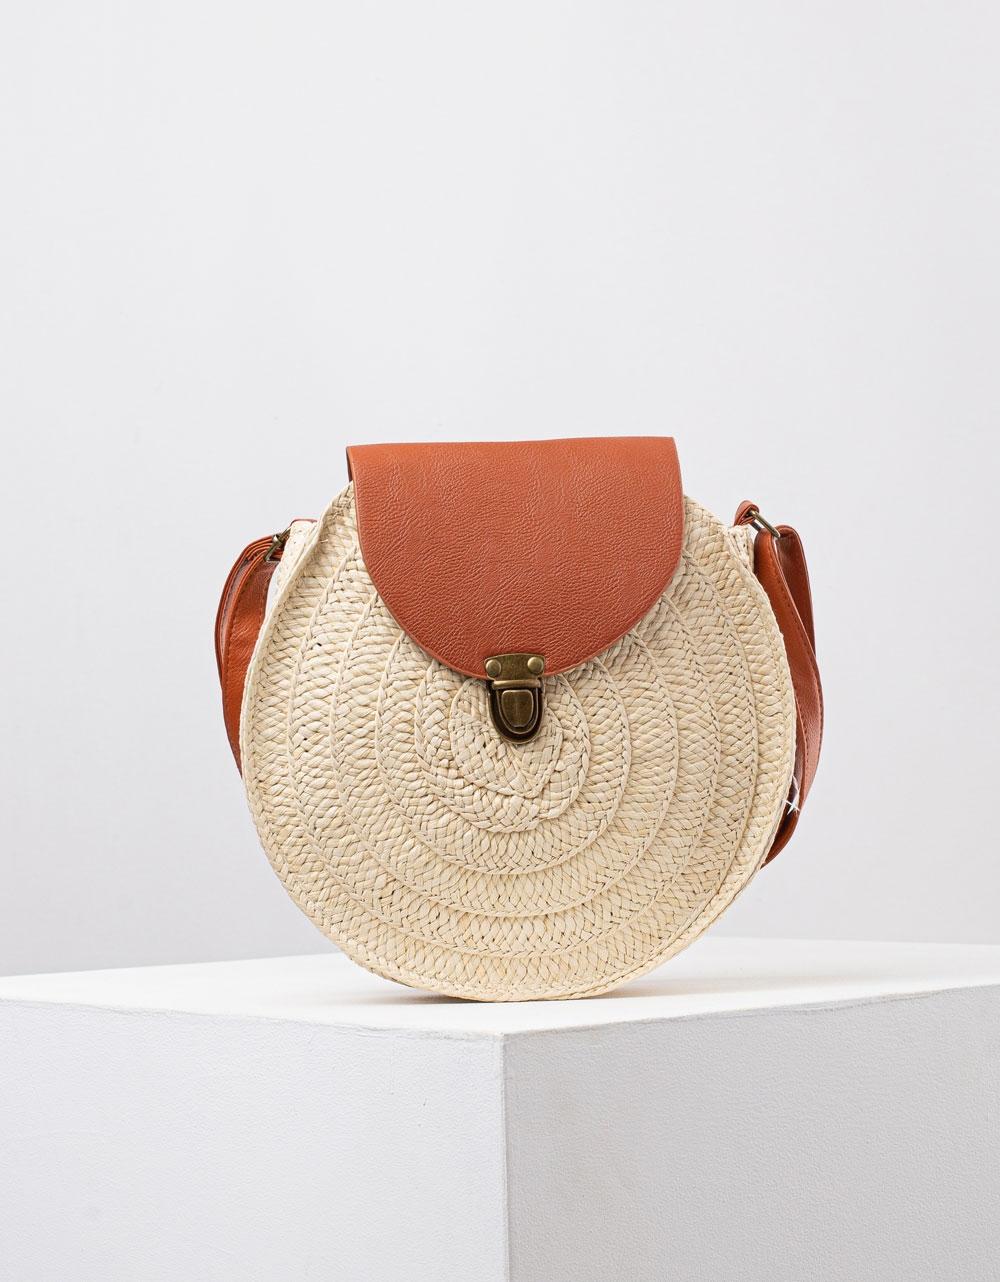 Εικόνα από Γυναικεία ψάθινη τσάντα ώμου & χιαστί σε συνδυασμό υλικών Μπεζ